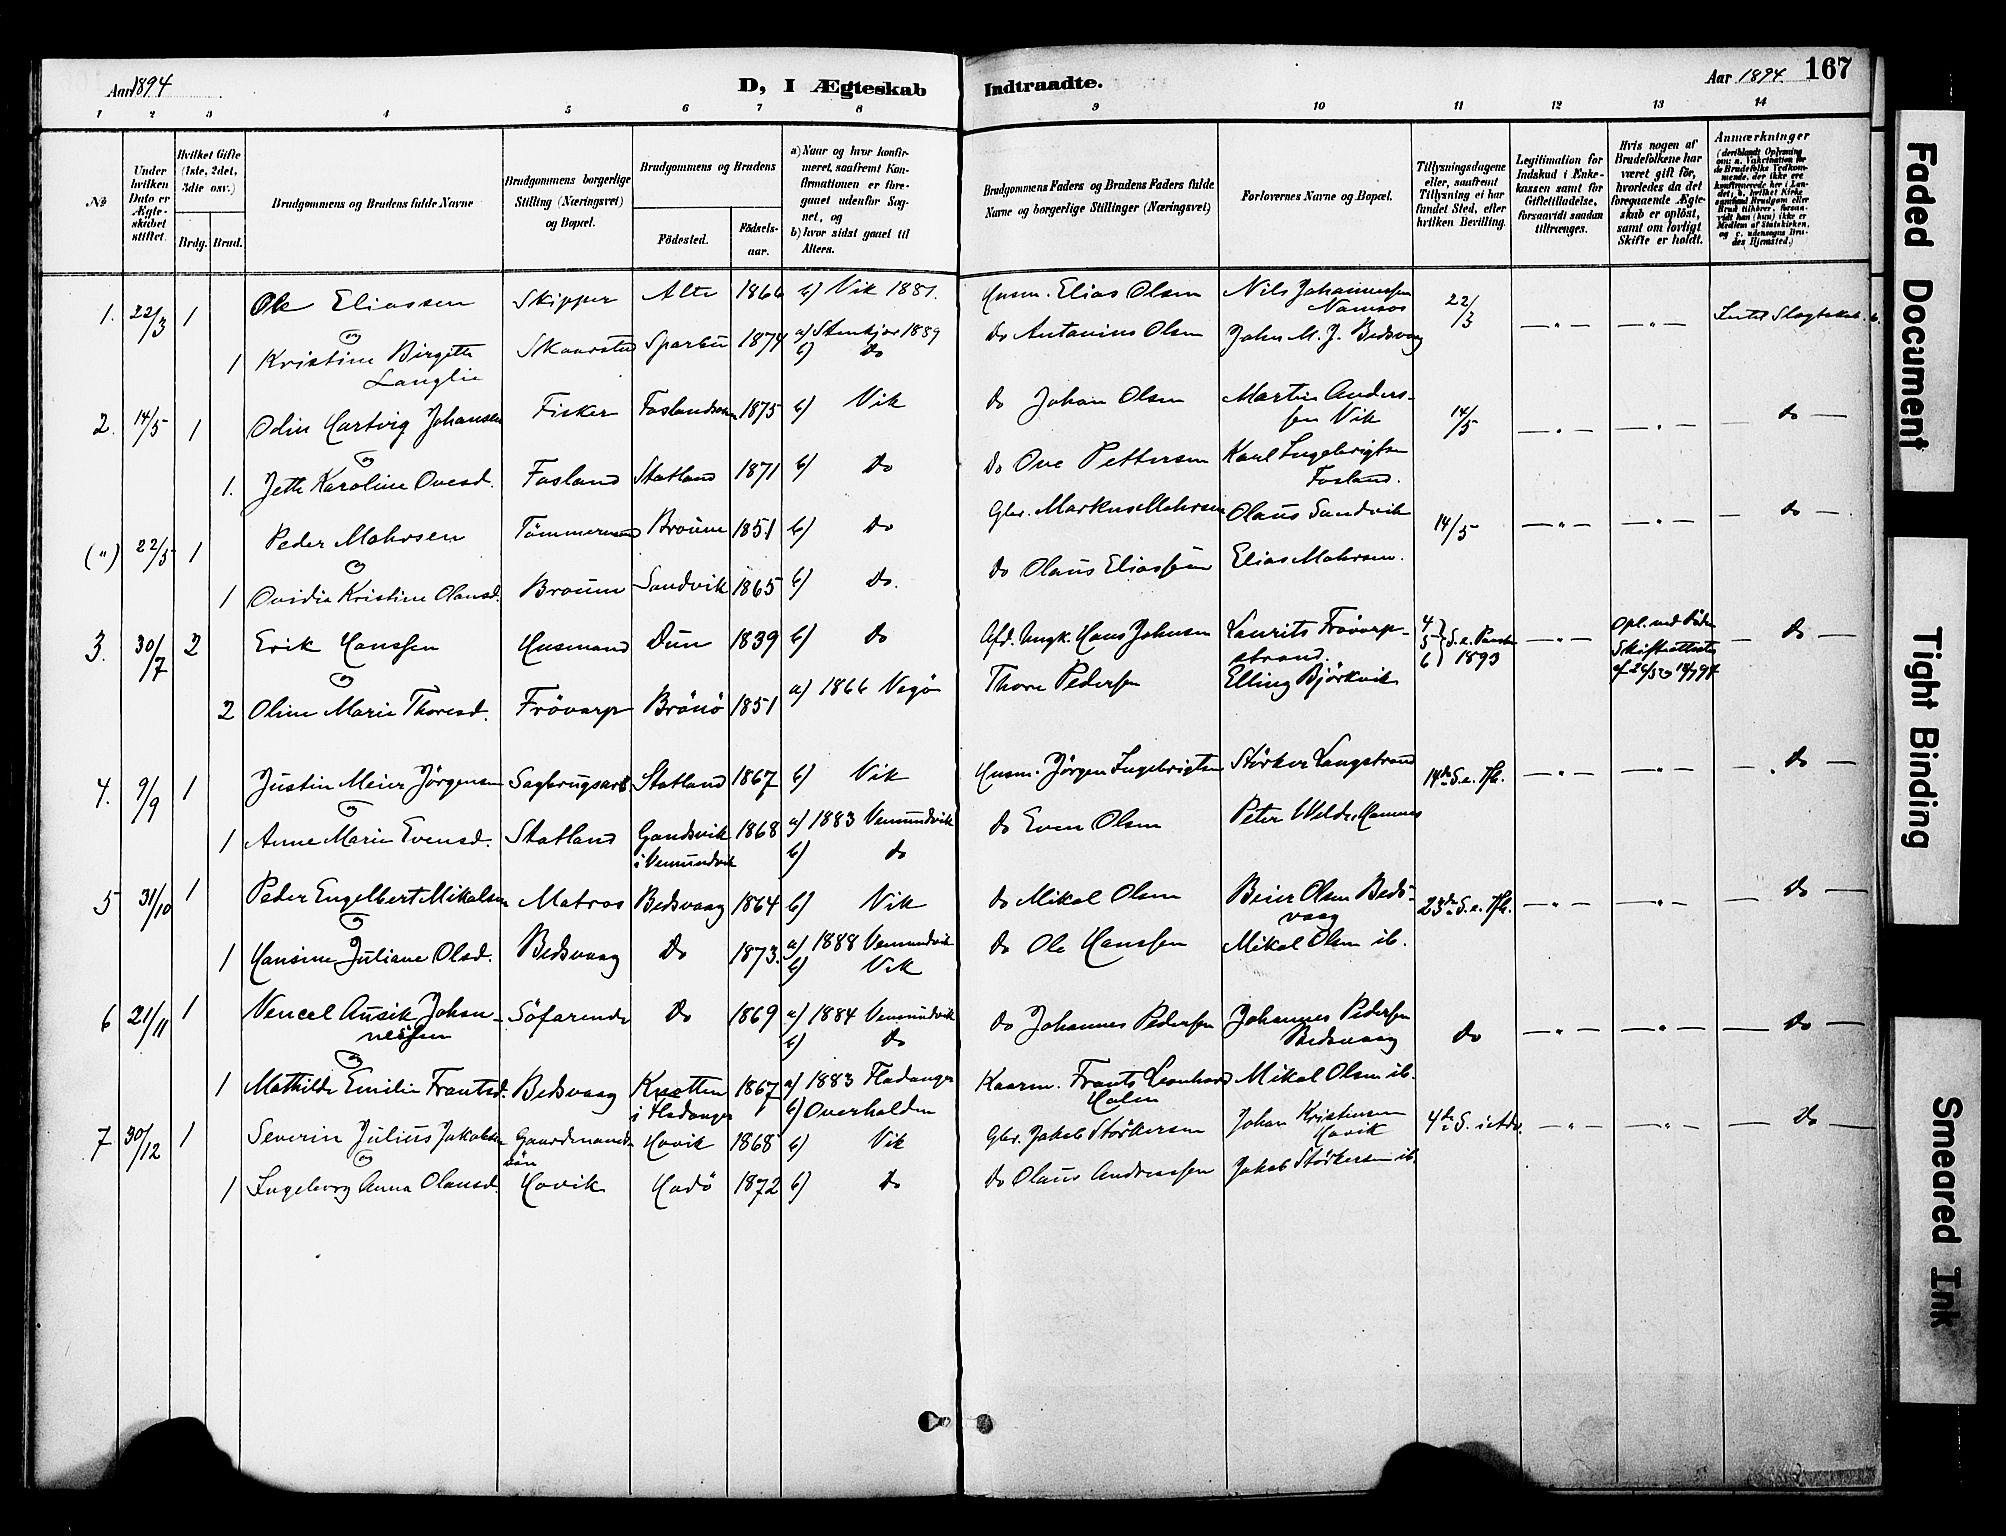 SAT, Ministerialprotokoller, klokkerbøker og fødselsregistre - Nord-Trøndelag, 774/L0628: Ministerialbok nr. 774A02, 1887-1903, s. 167